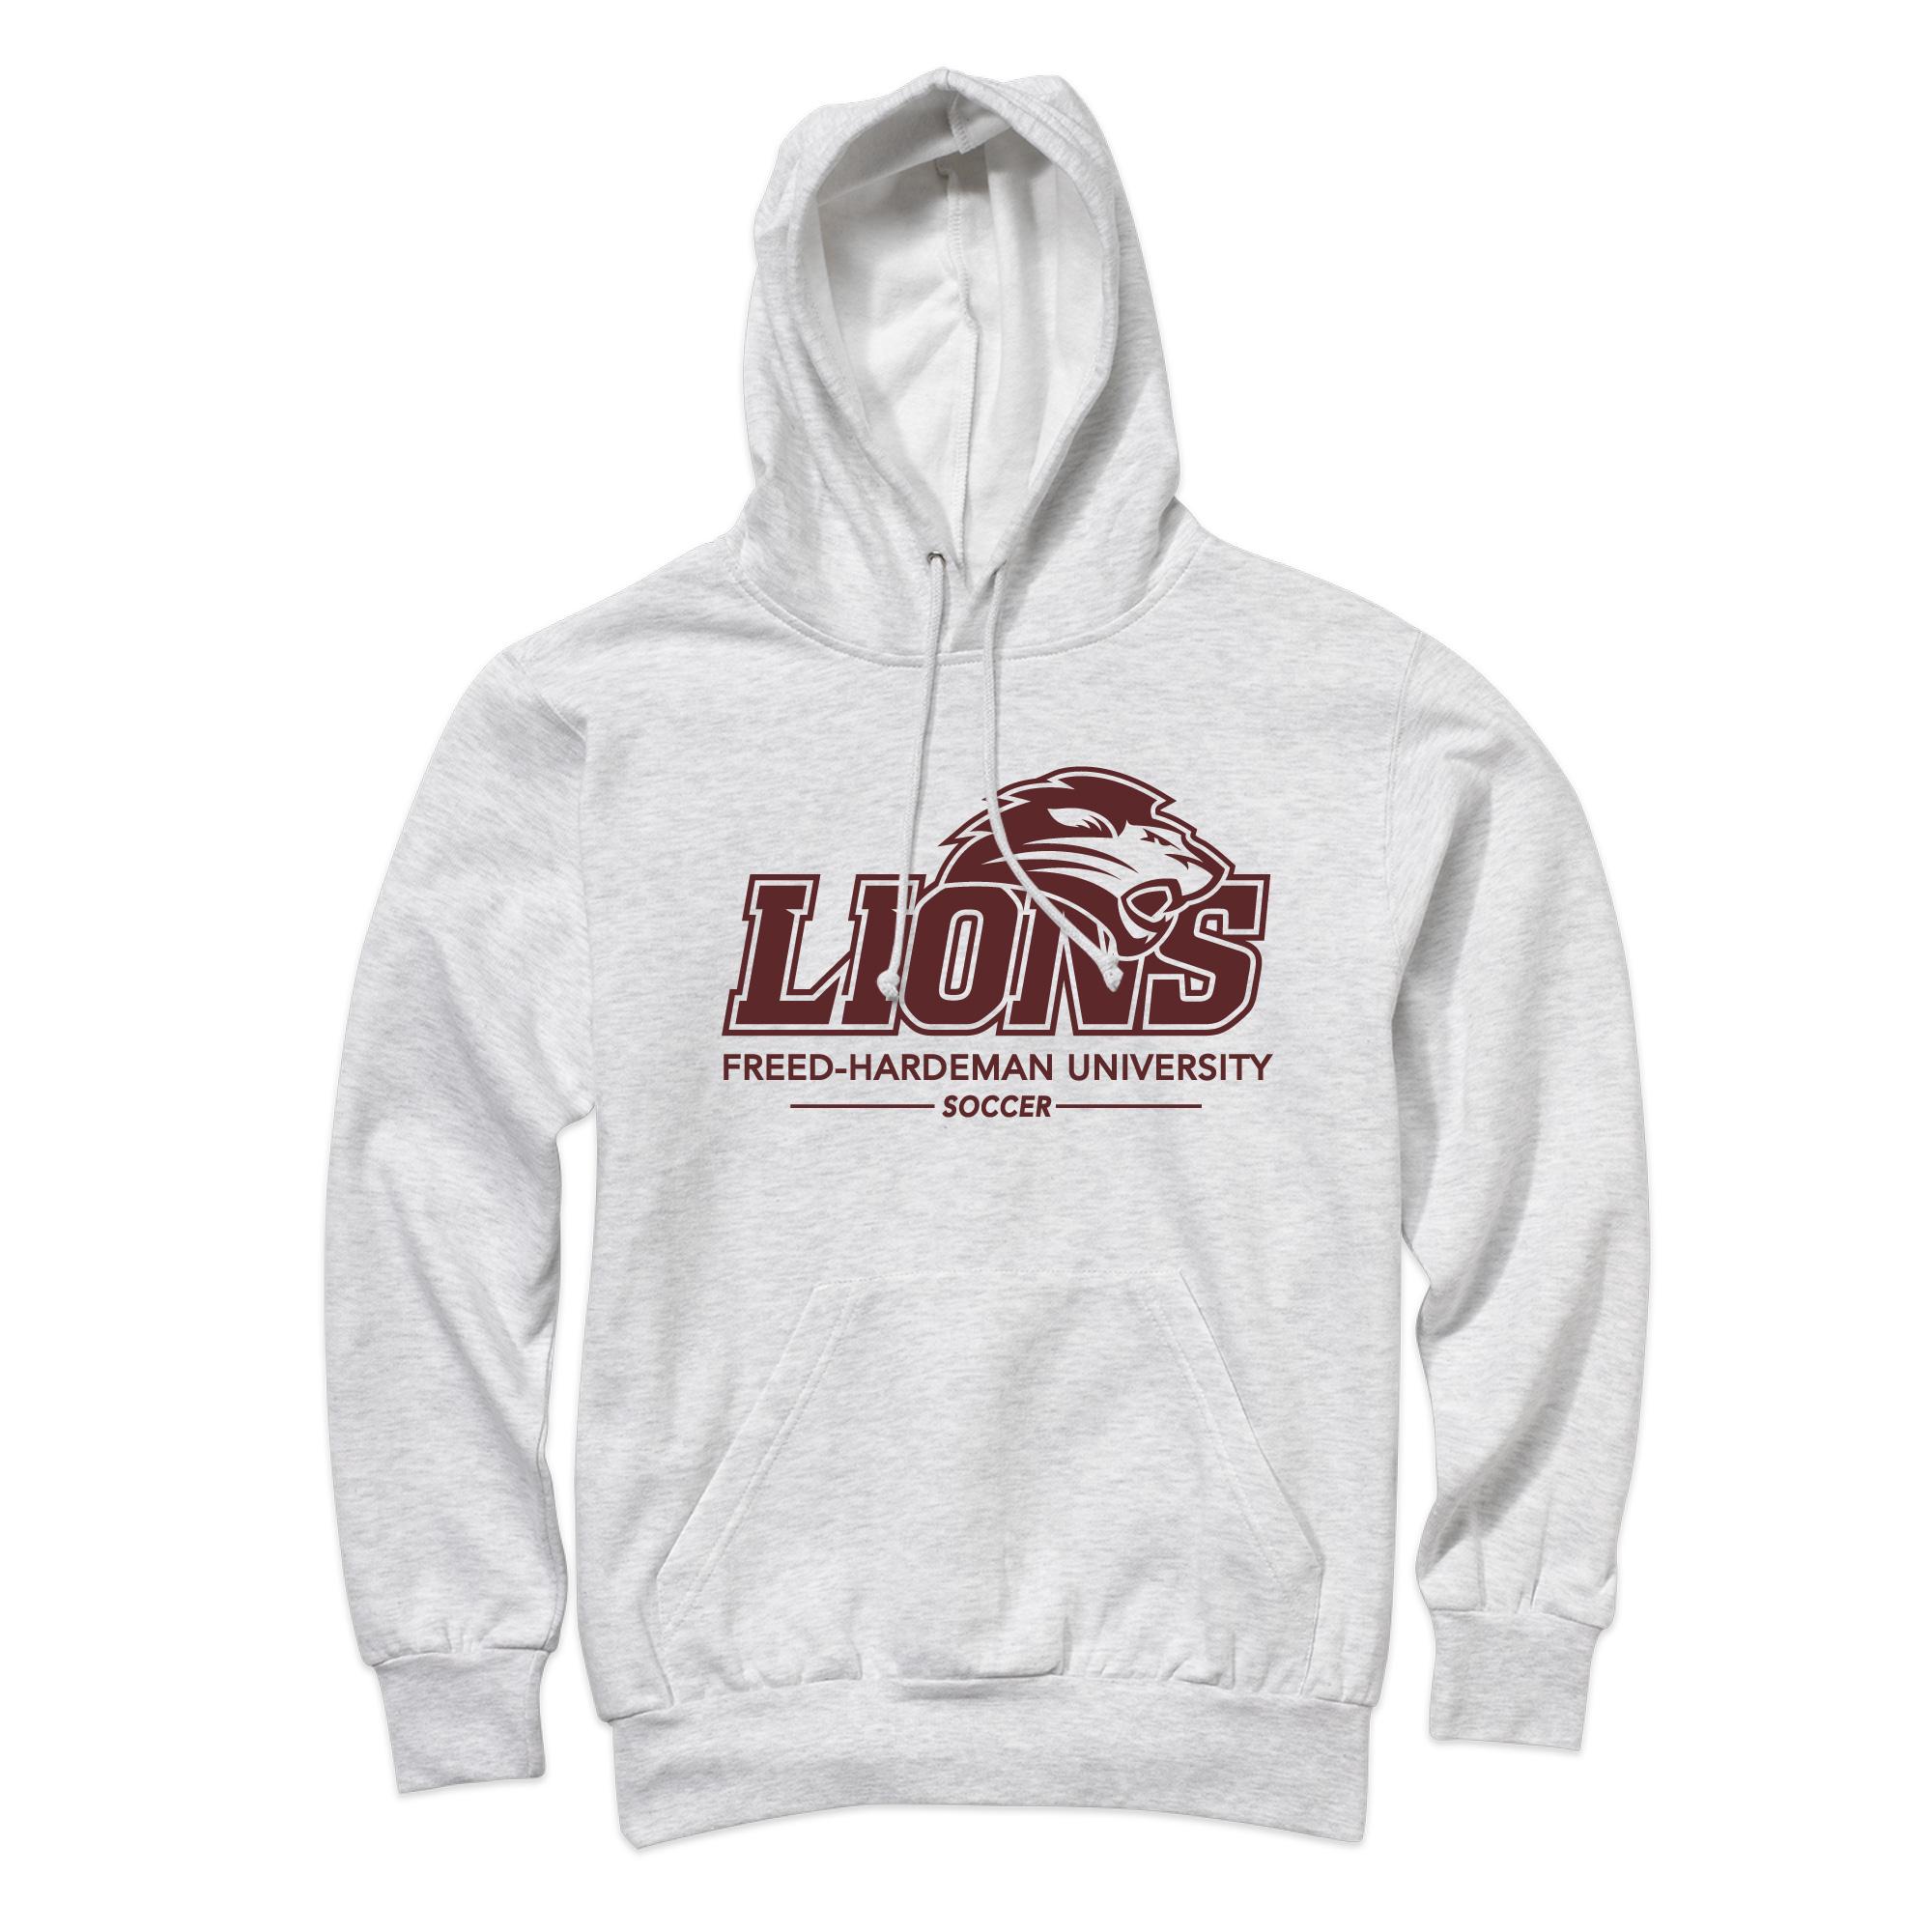 Lions Soccer Hoodie